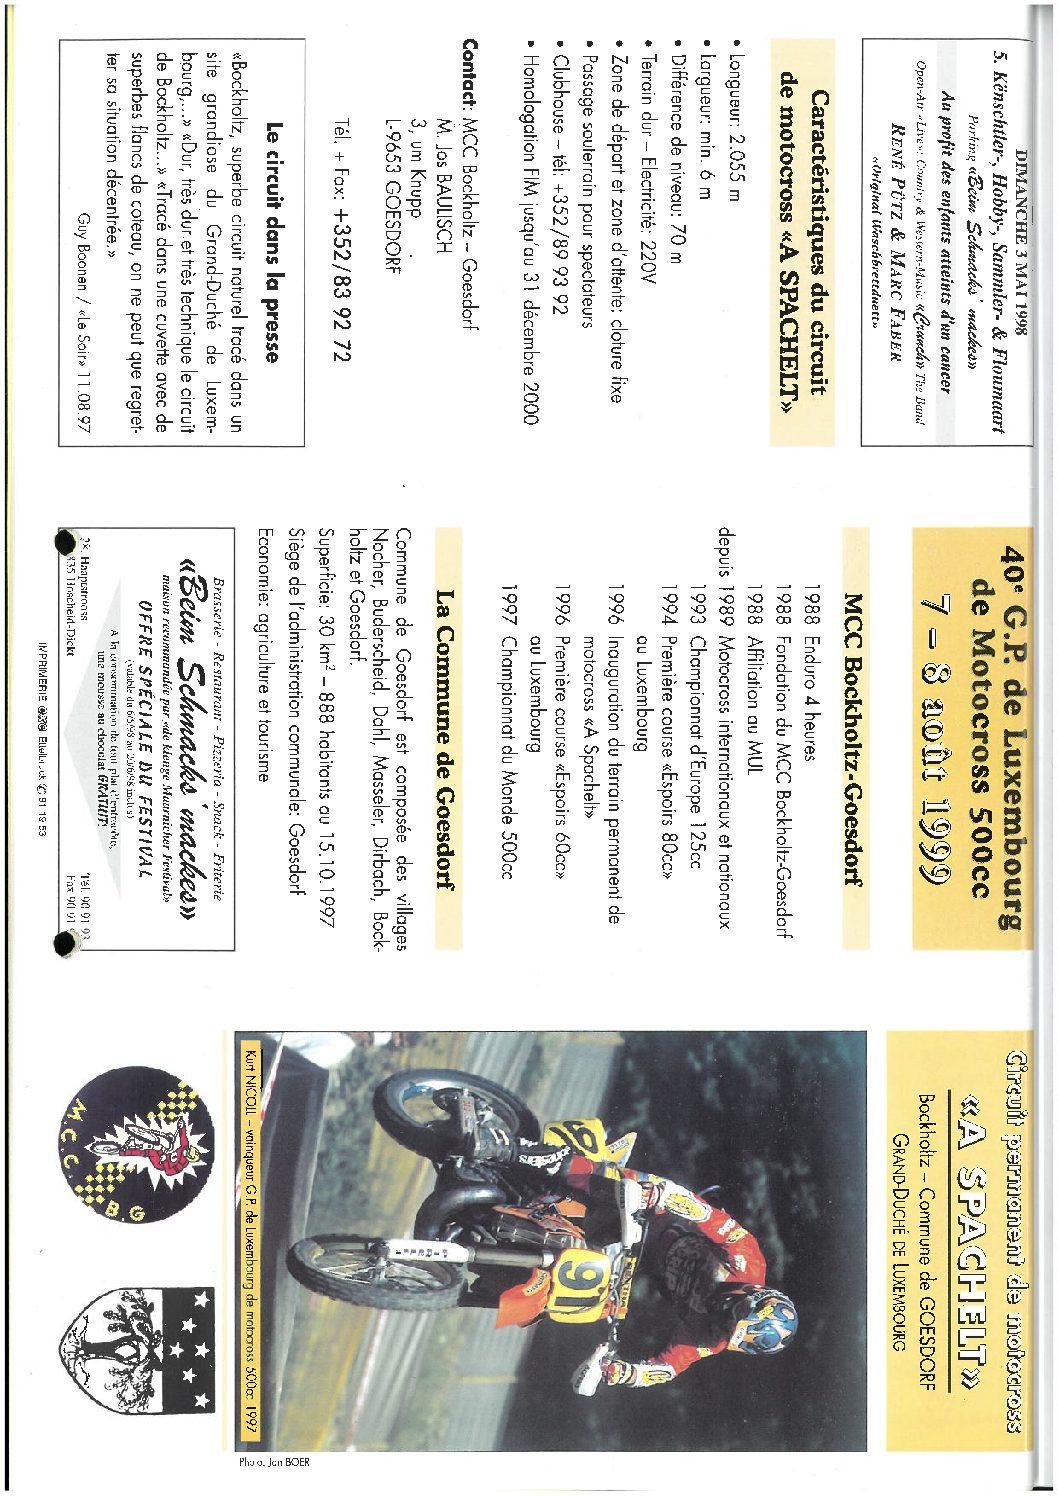 40e GP Luxembourg 1999